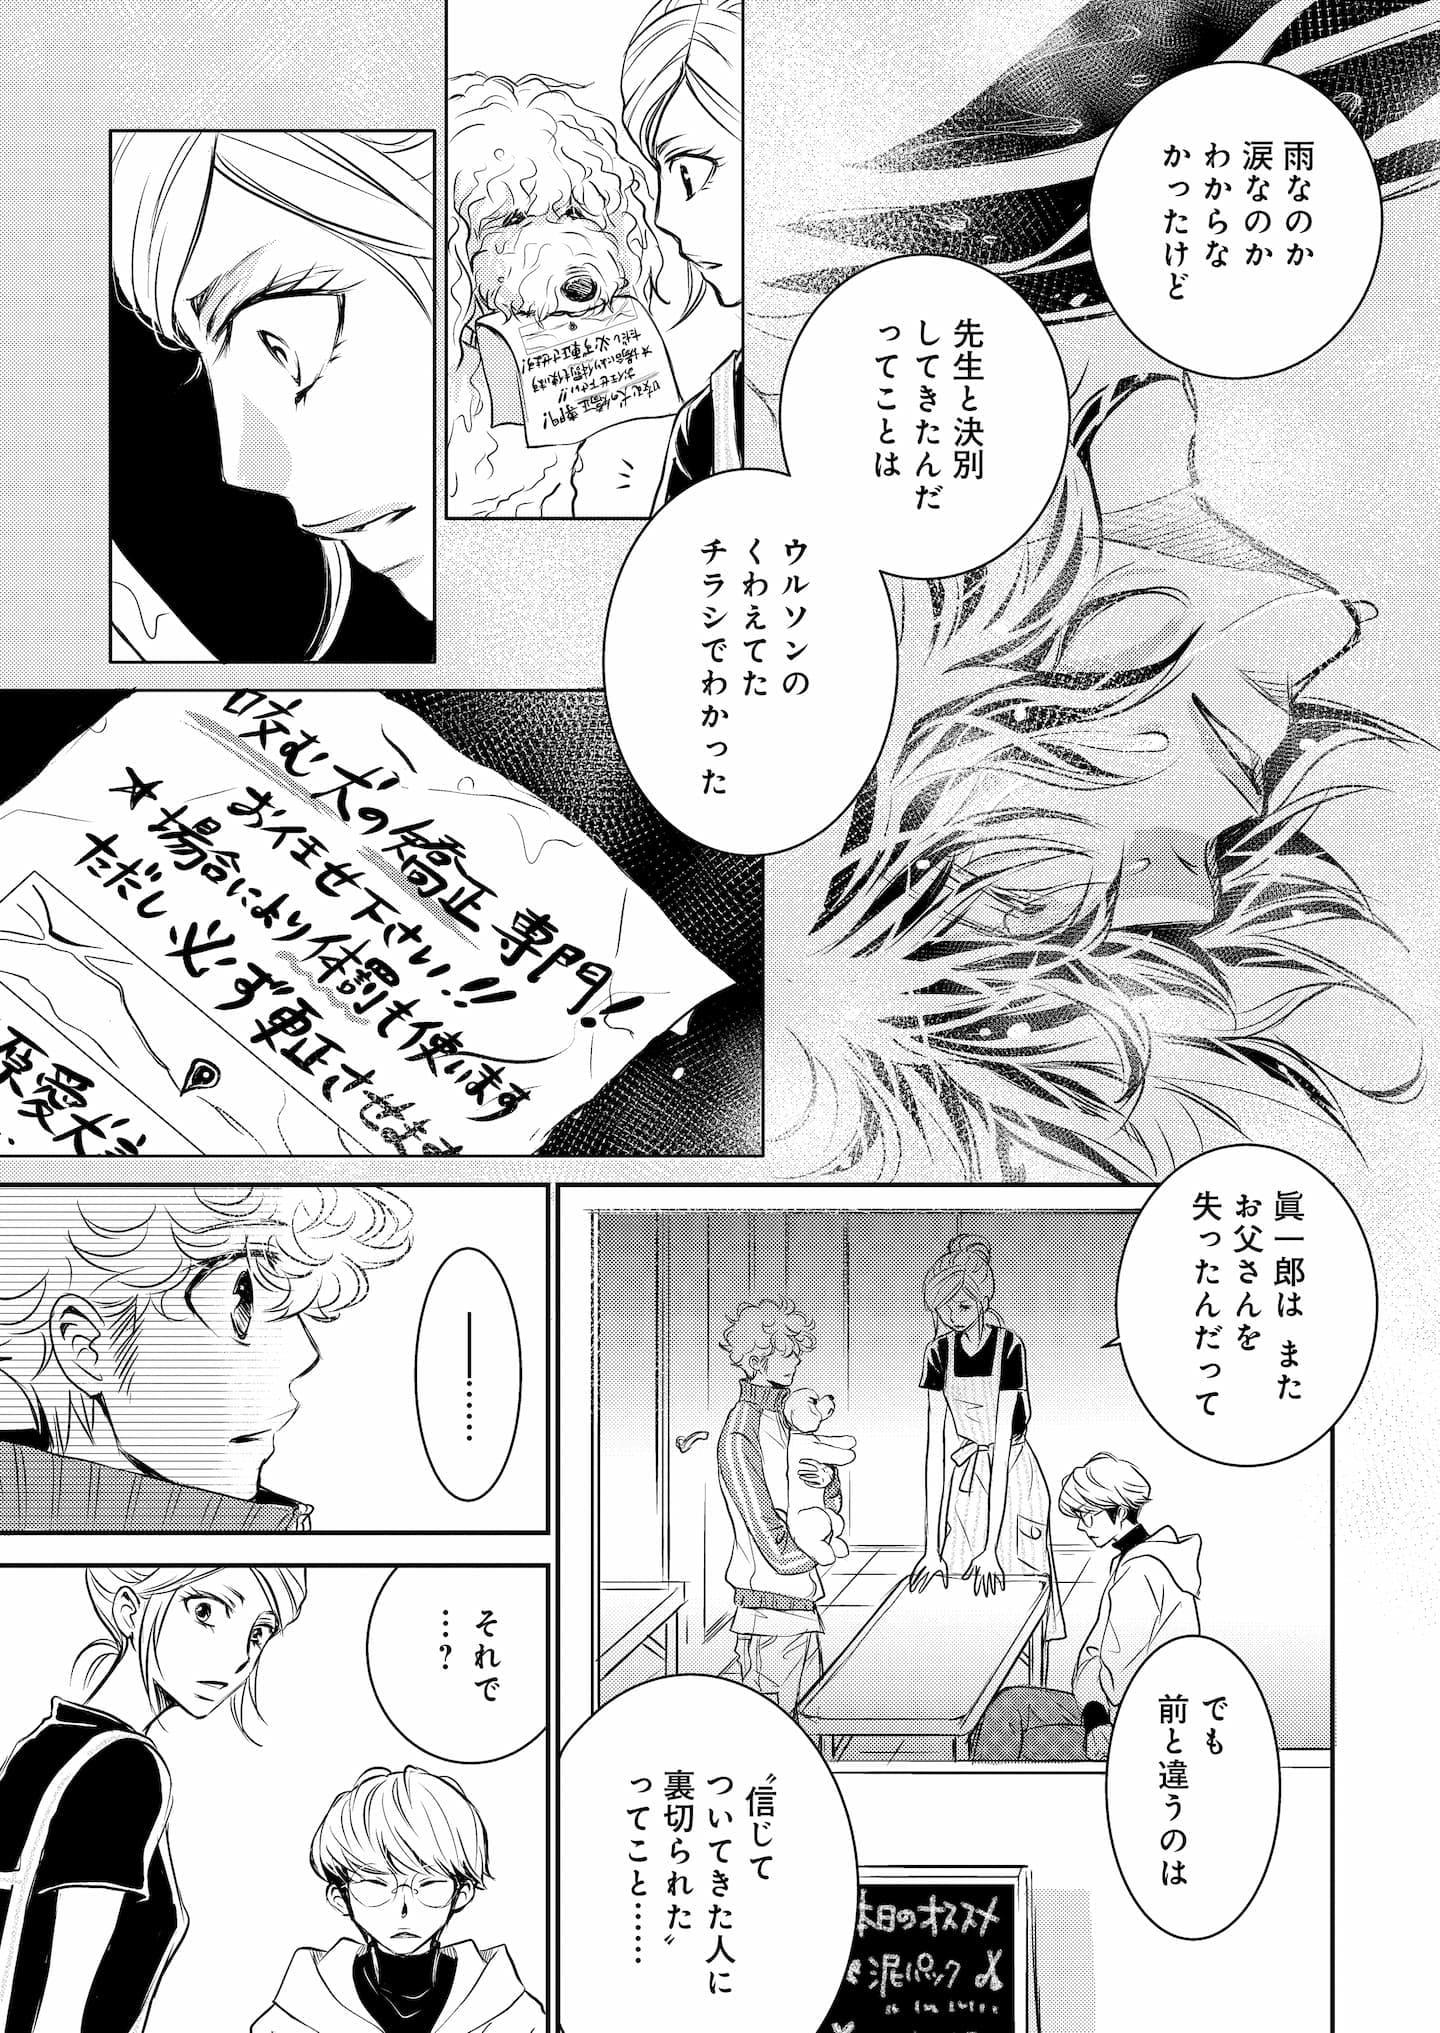 『DOG SIGNAL』10話目① 2ページ目